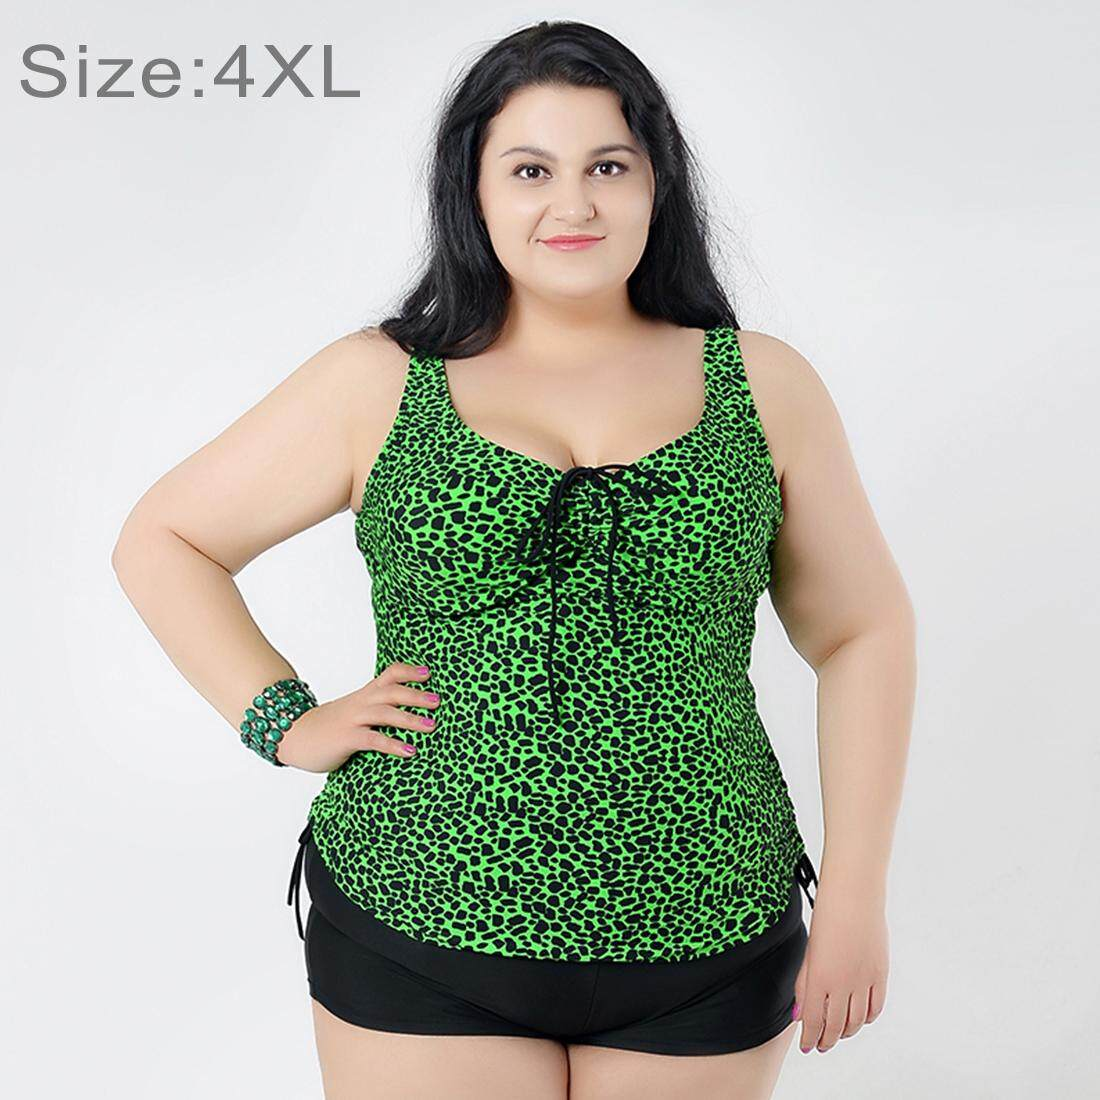 Mengumpulkan Dada Baju Renang Dua Potong Memisahkan Gaun & Celana Boxer Celana Pendek Bunga Cetak Berukuran Lebih Swimsuits untuk Wanita Gemuk, ukuran: 4XL (Hijau)-Internasional